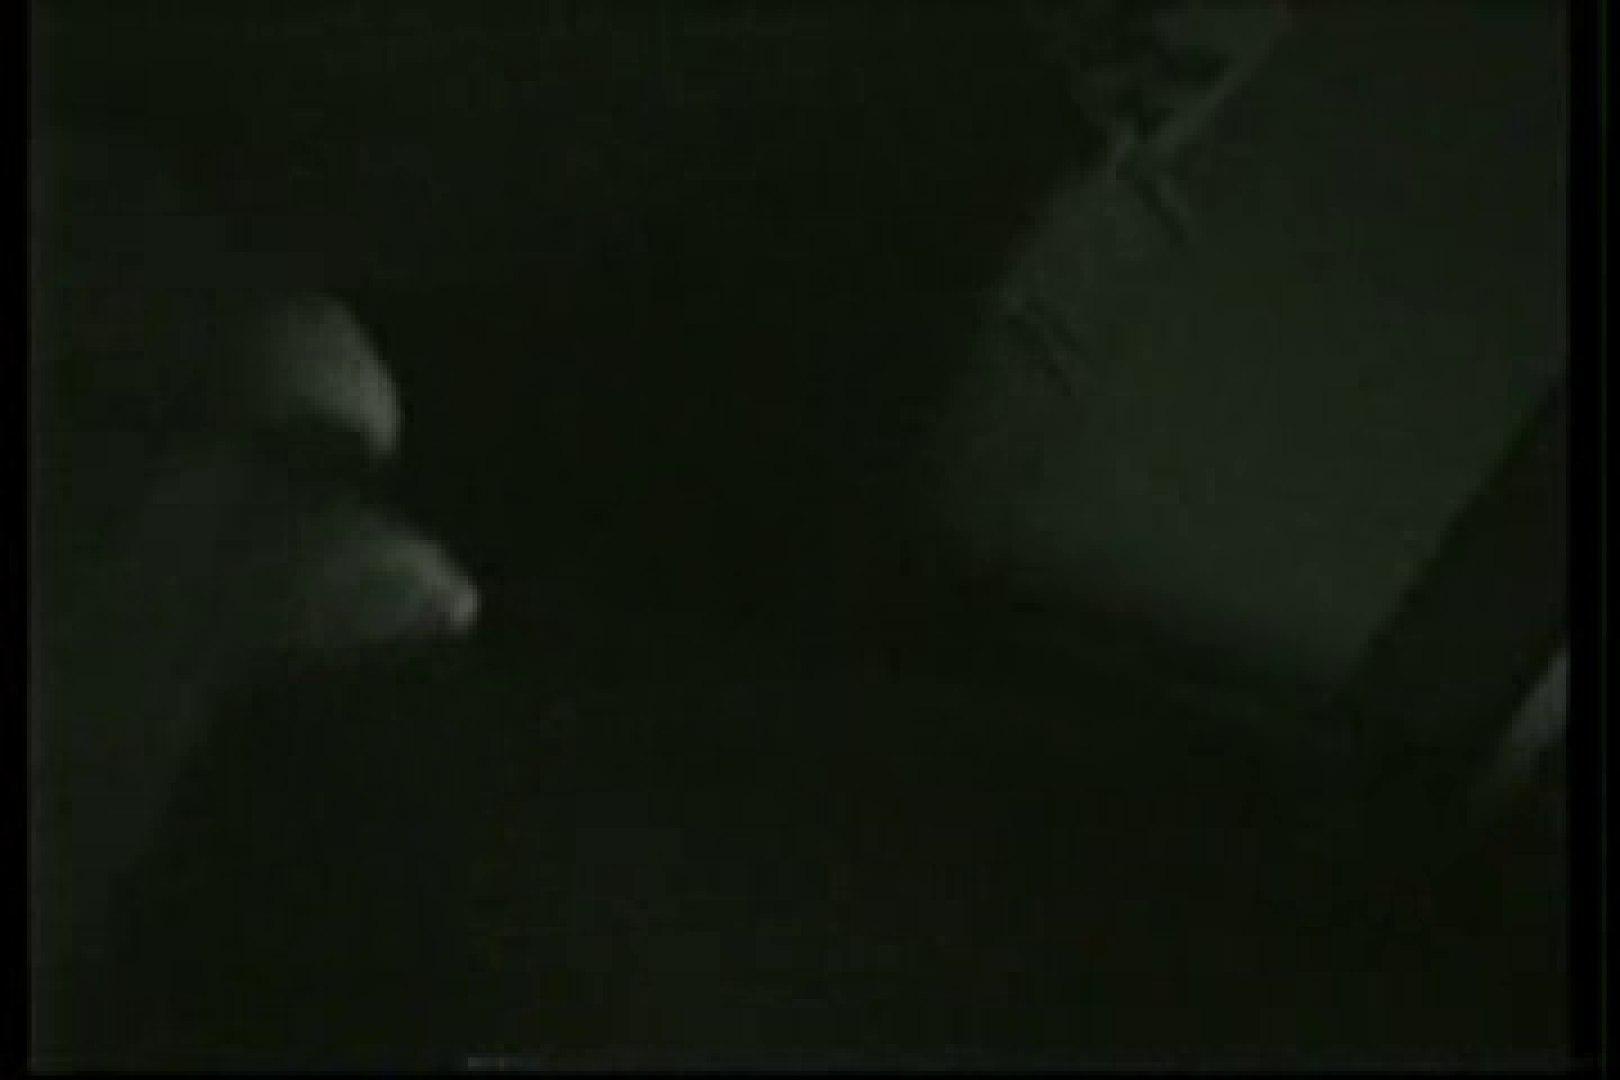 【実録個人撮影】男の子達の禁断の愛欲性活!!vol.02(対女性アナル責め) 対女性 ゲイ丸見え画像 105枚 43